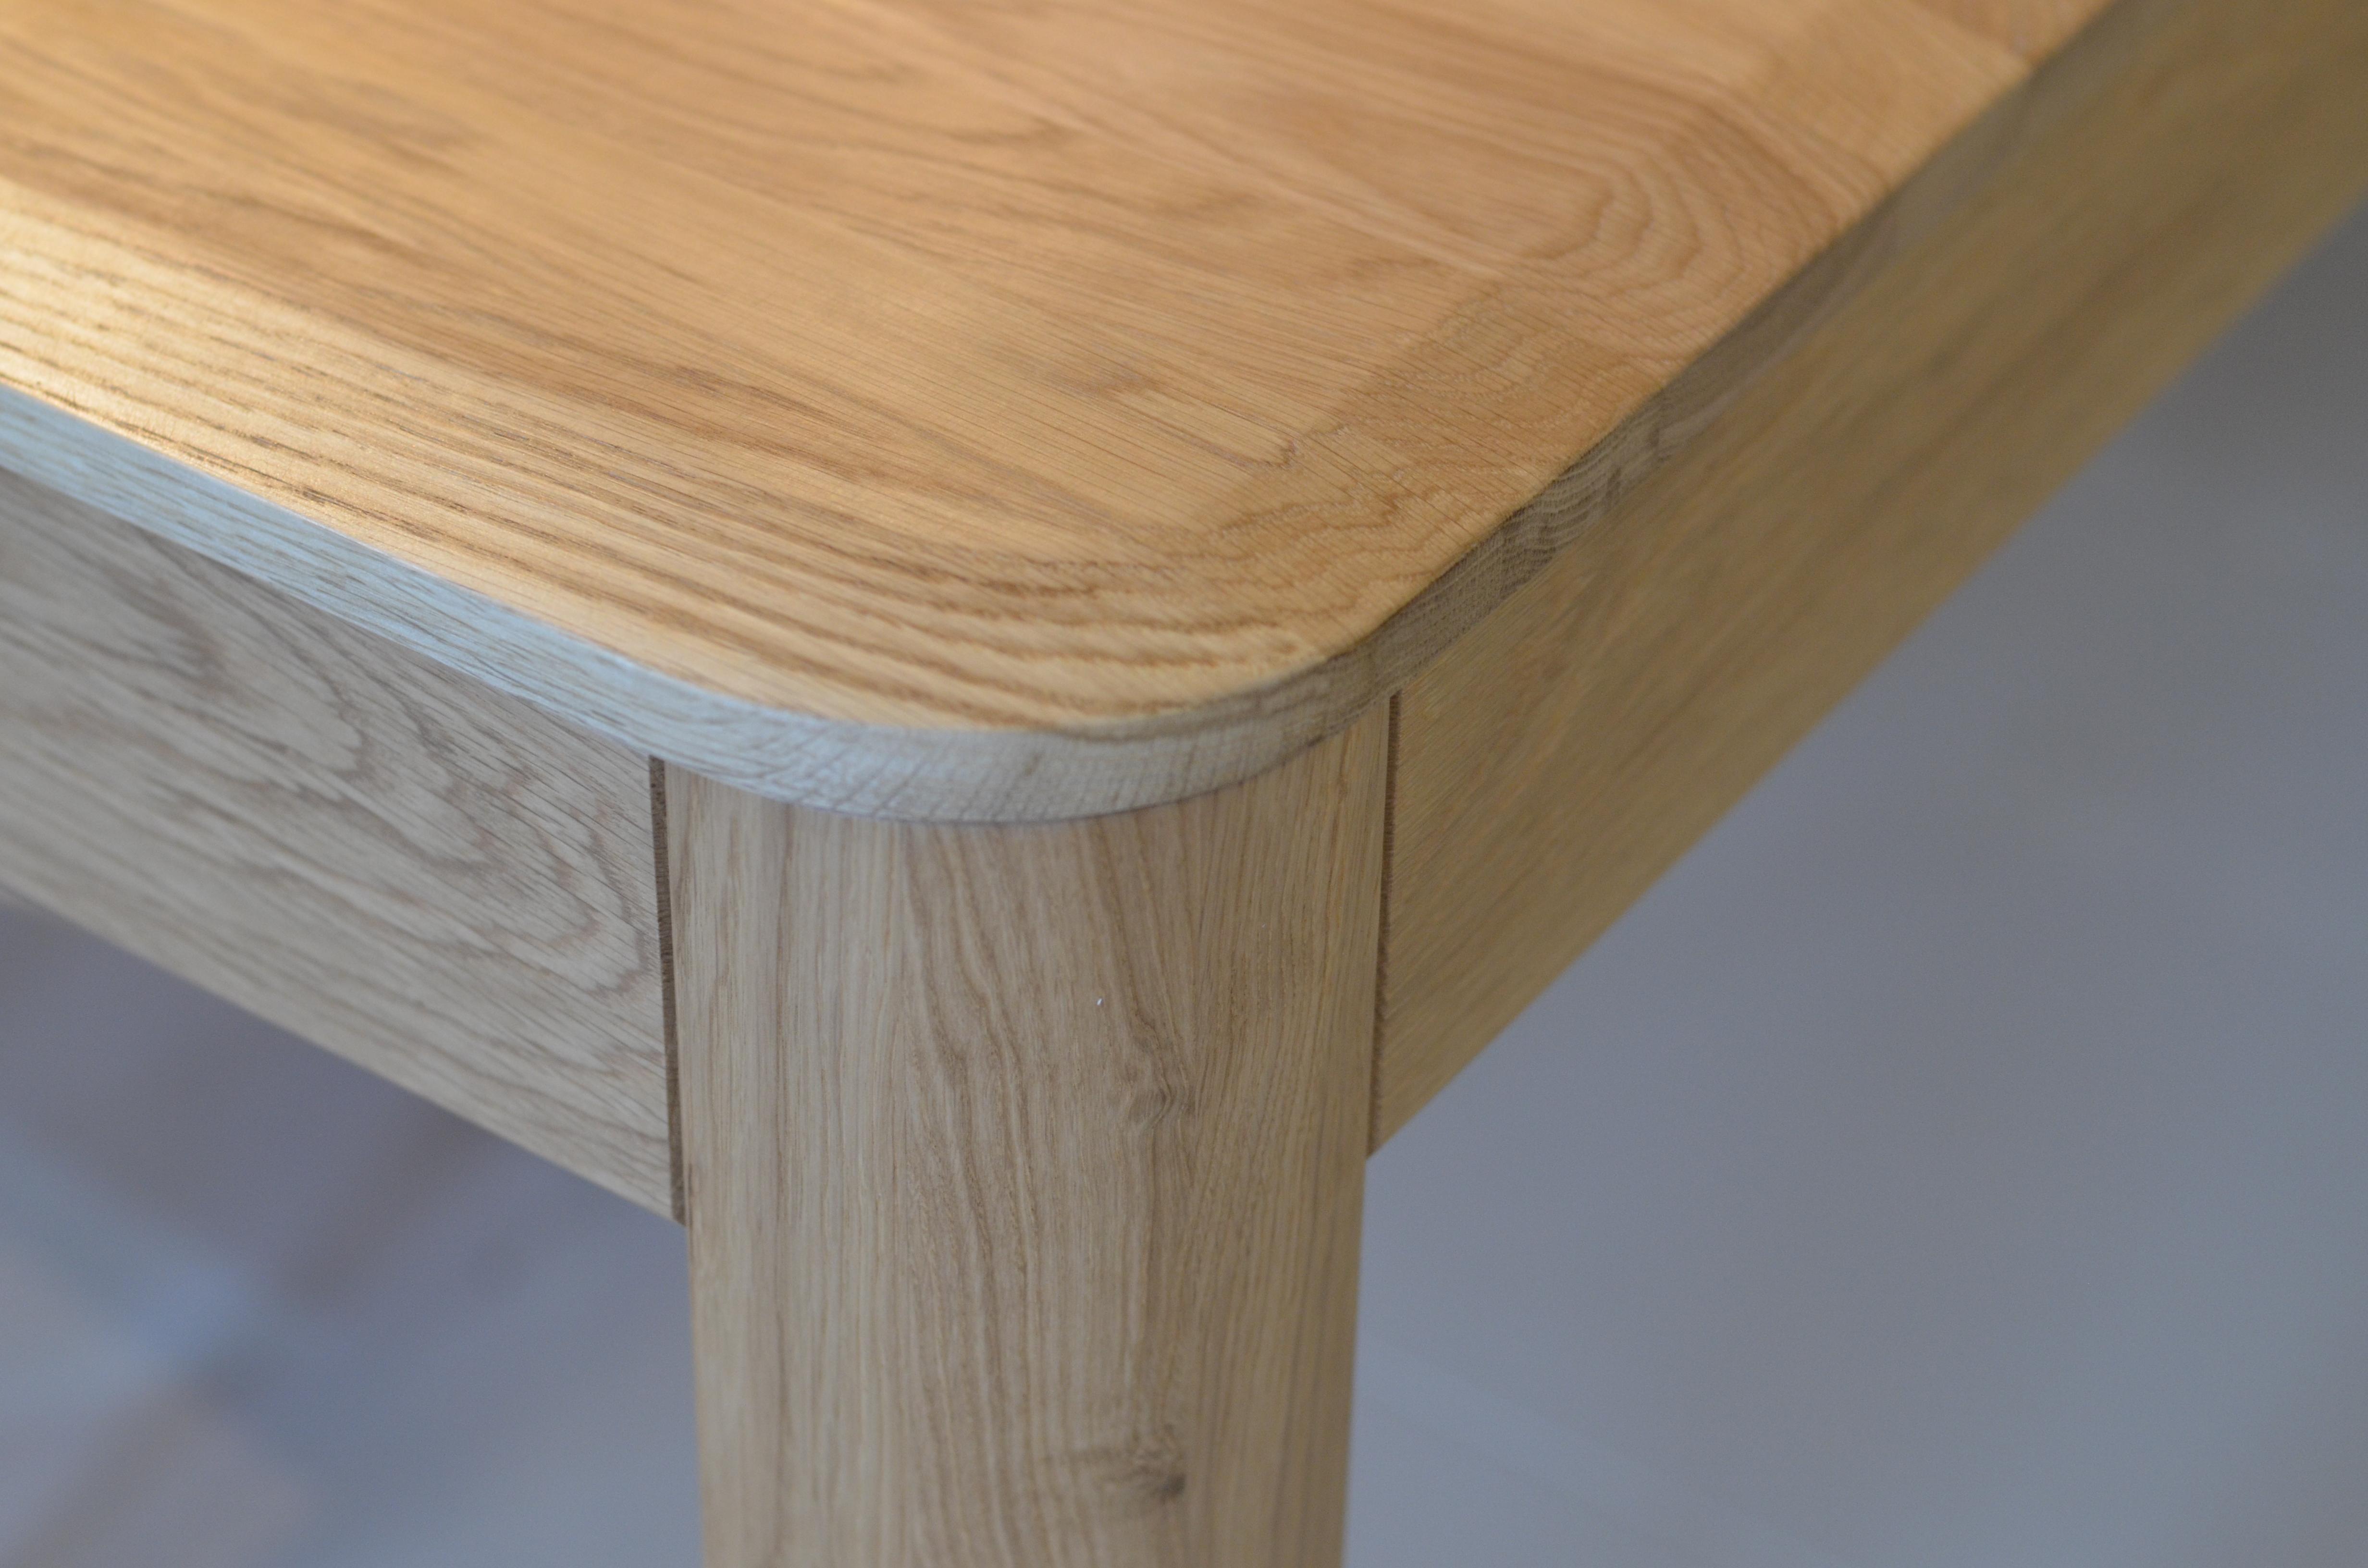 noga stołu półokrągła